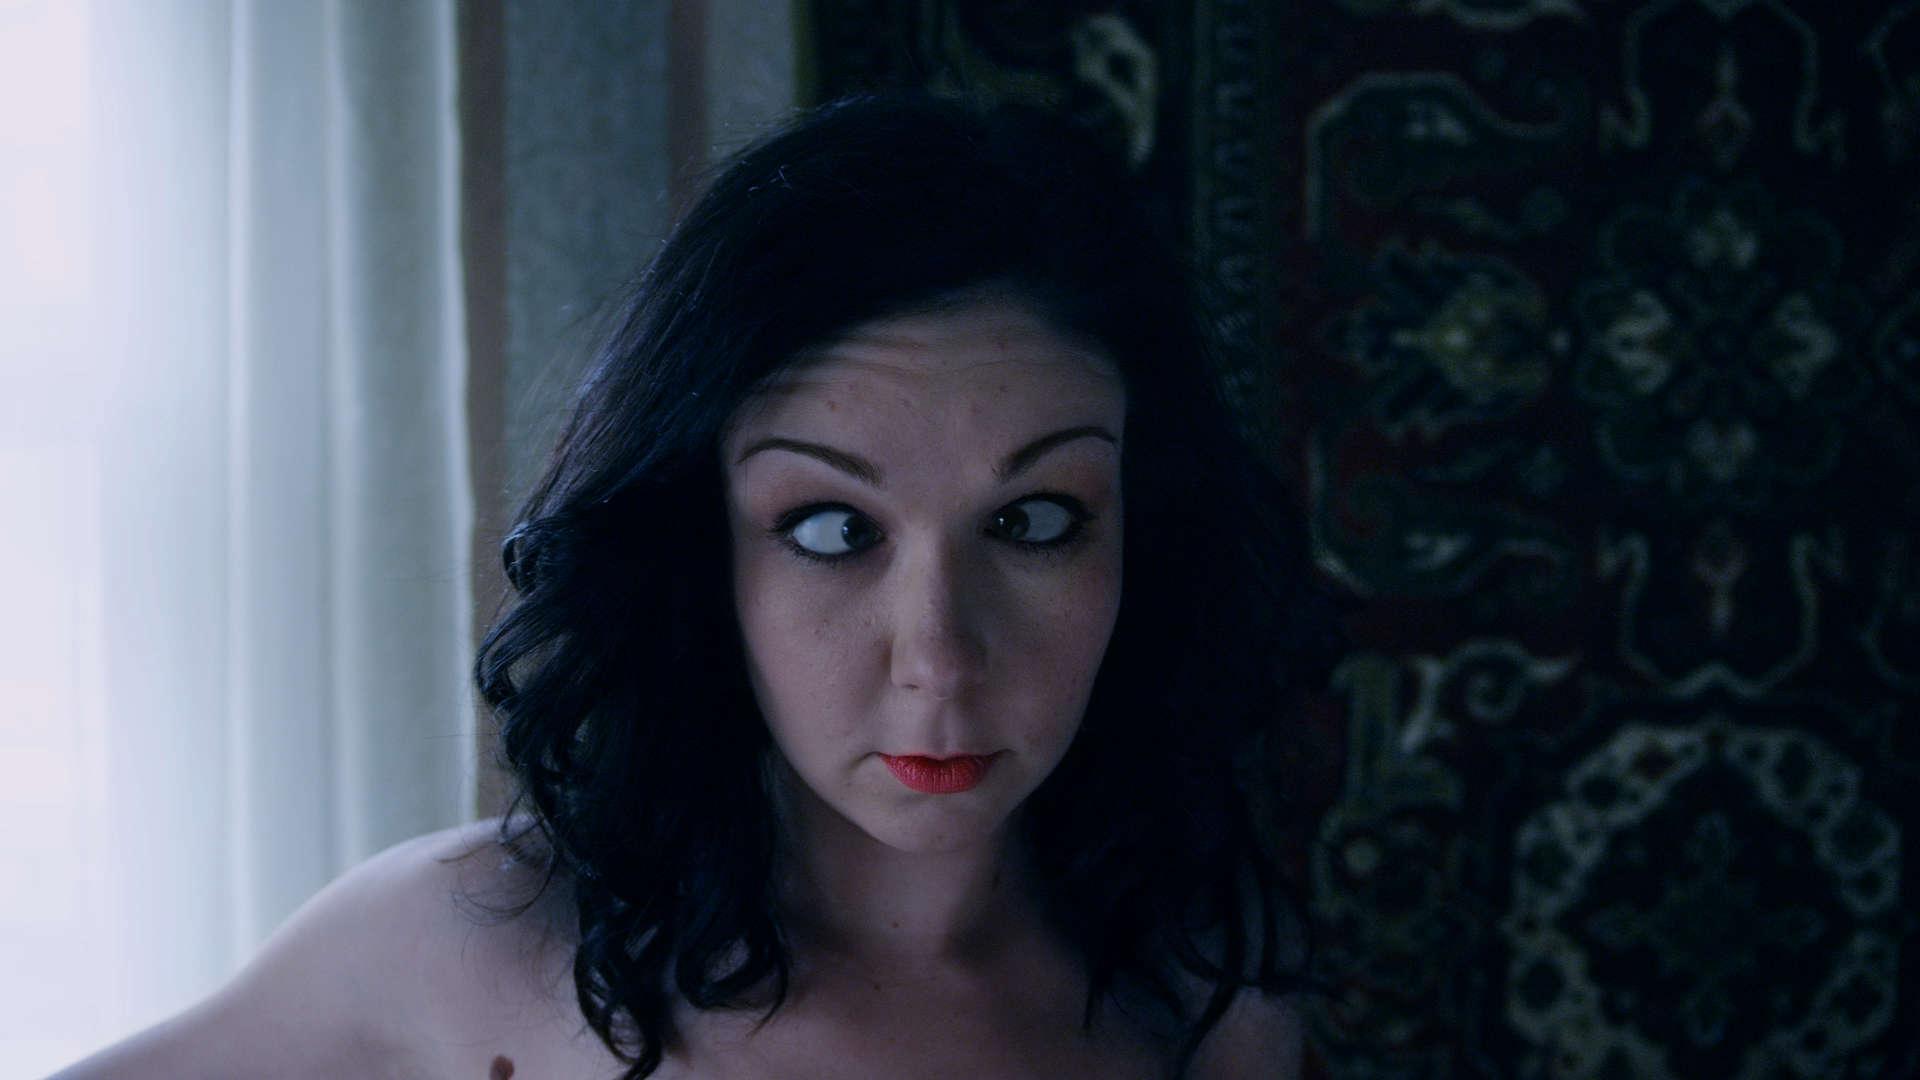 кадр из комедийного телесериала «Бородач. Понять и простить.»